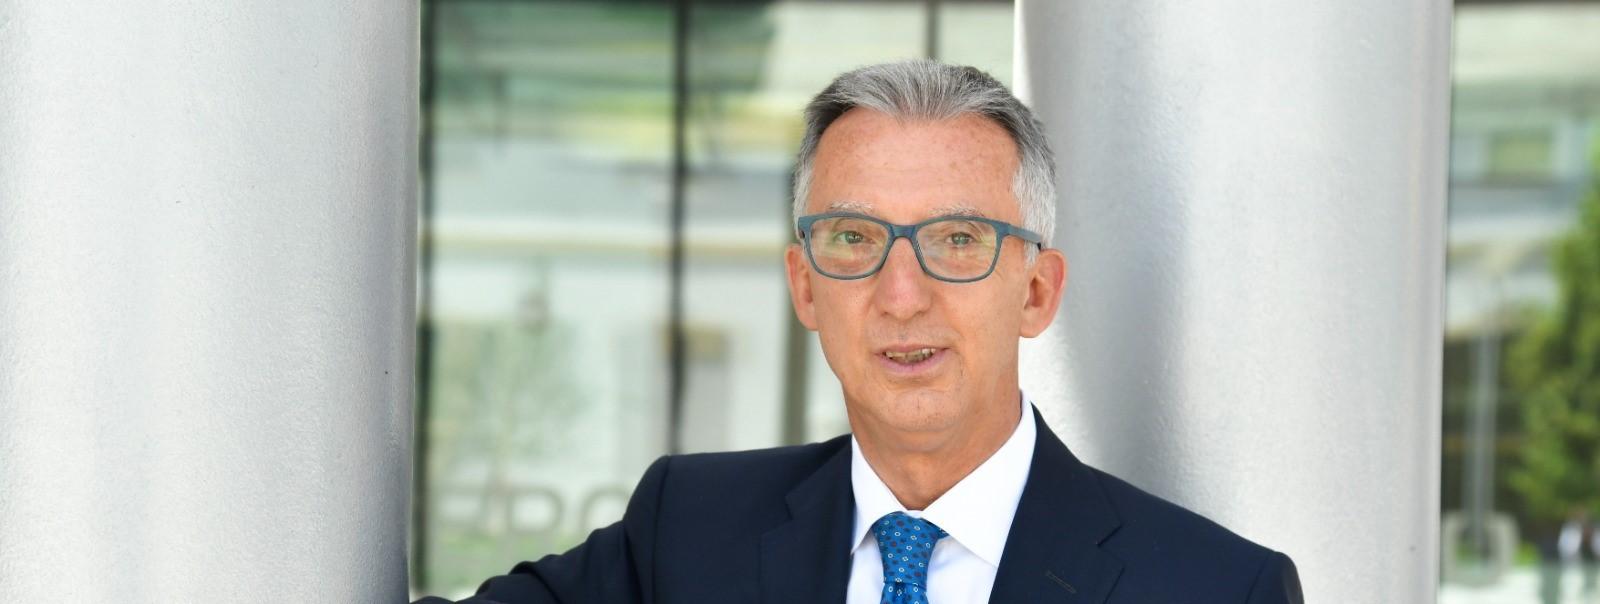 Giuseppe Ricci confermato Presidente Confindustria Energia per il biennio 2021-2023